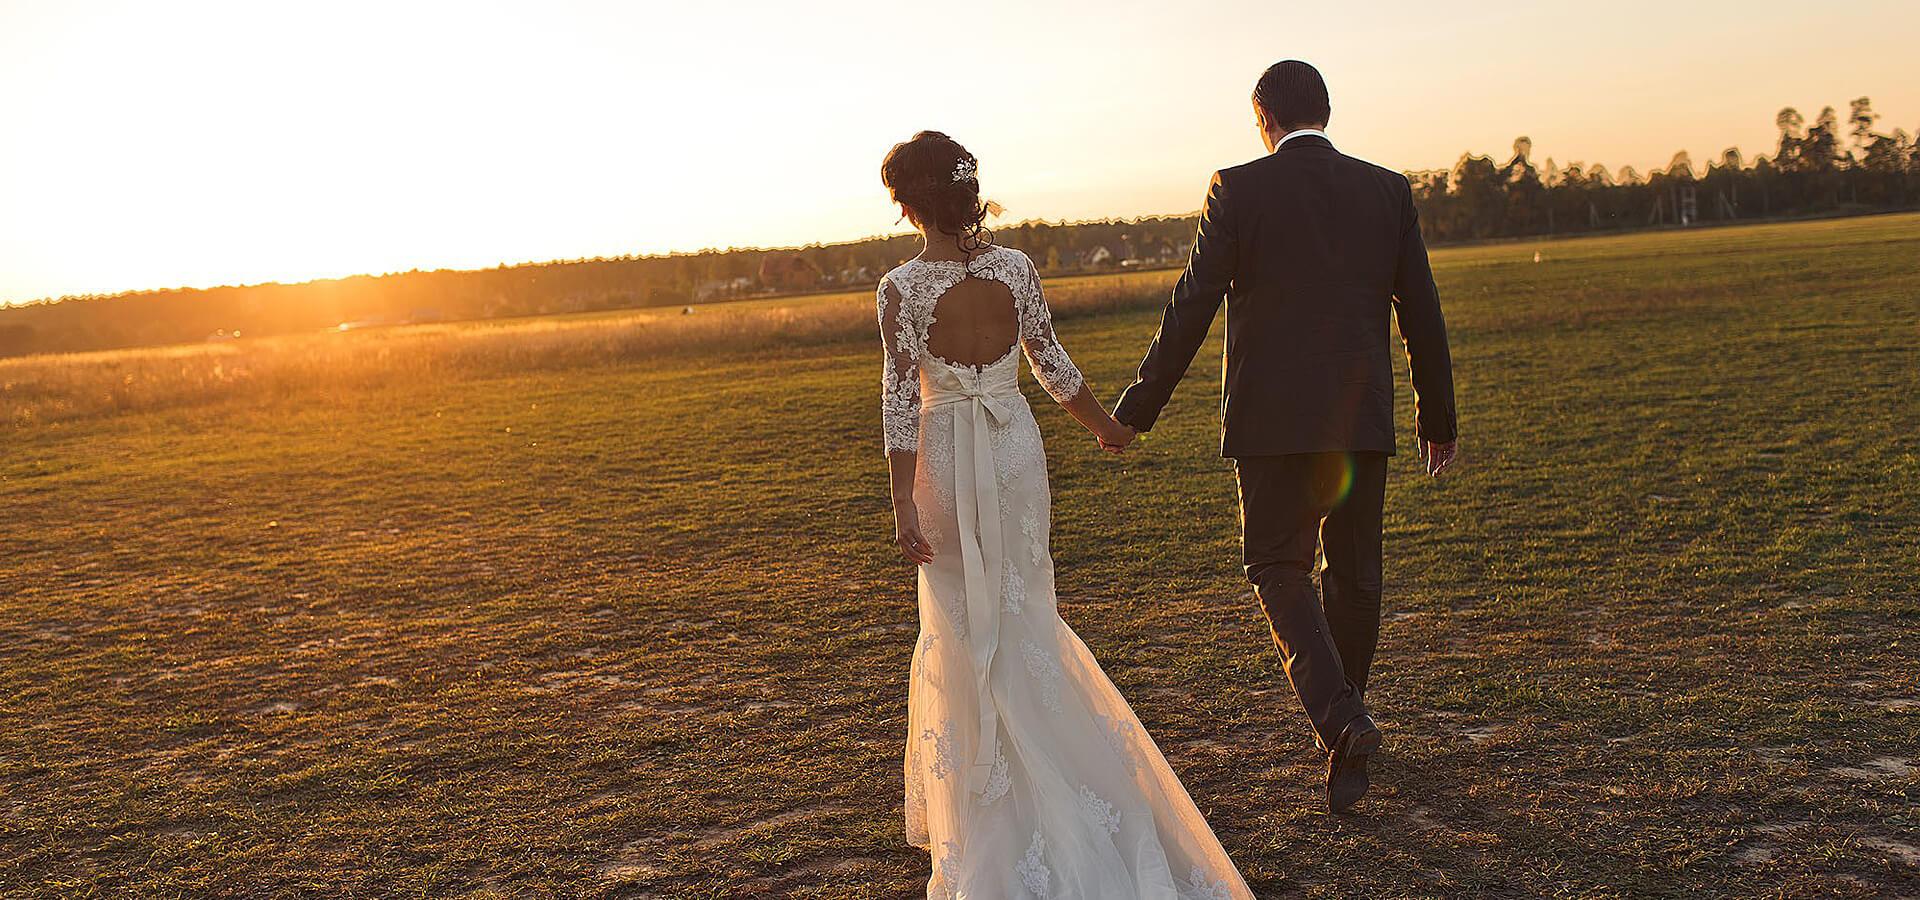 Главные заблуждения о свадьбе